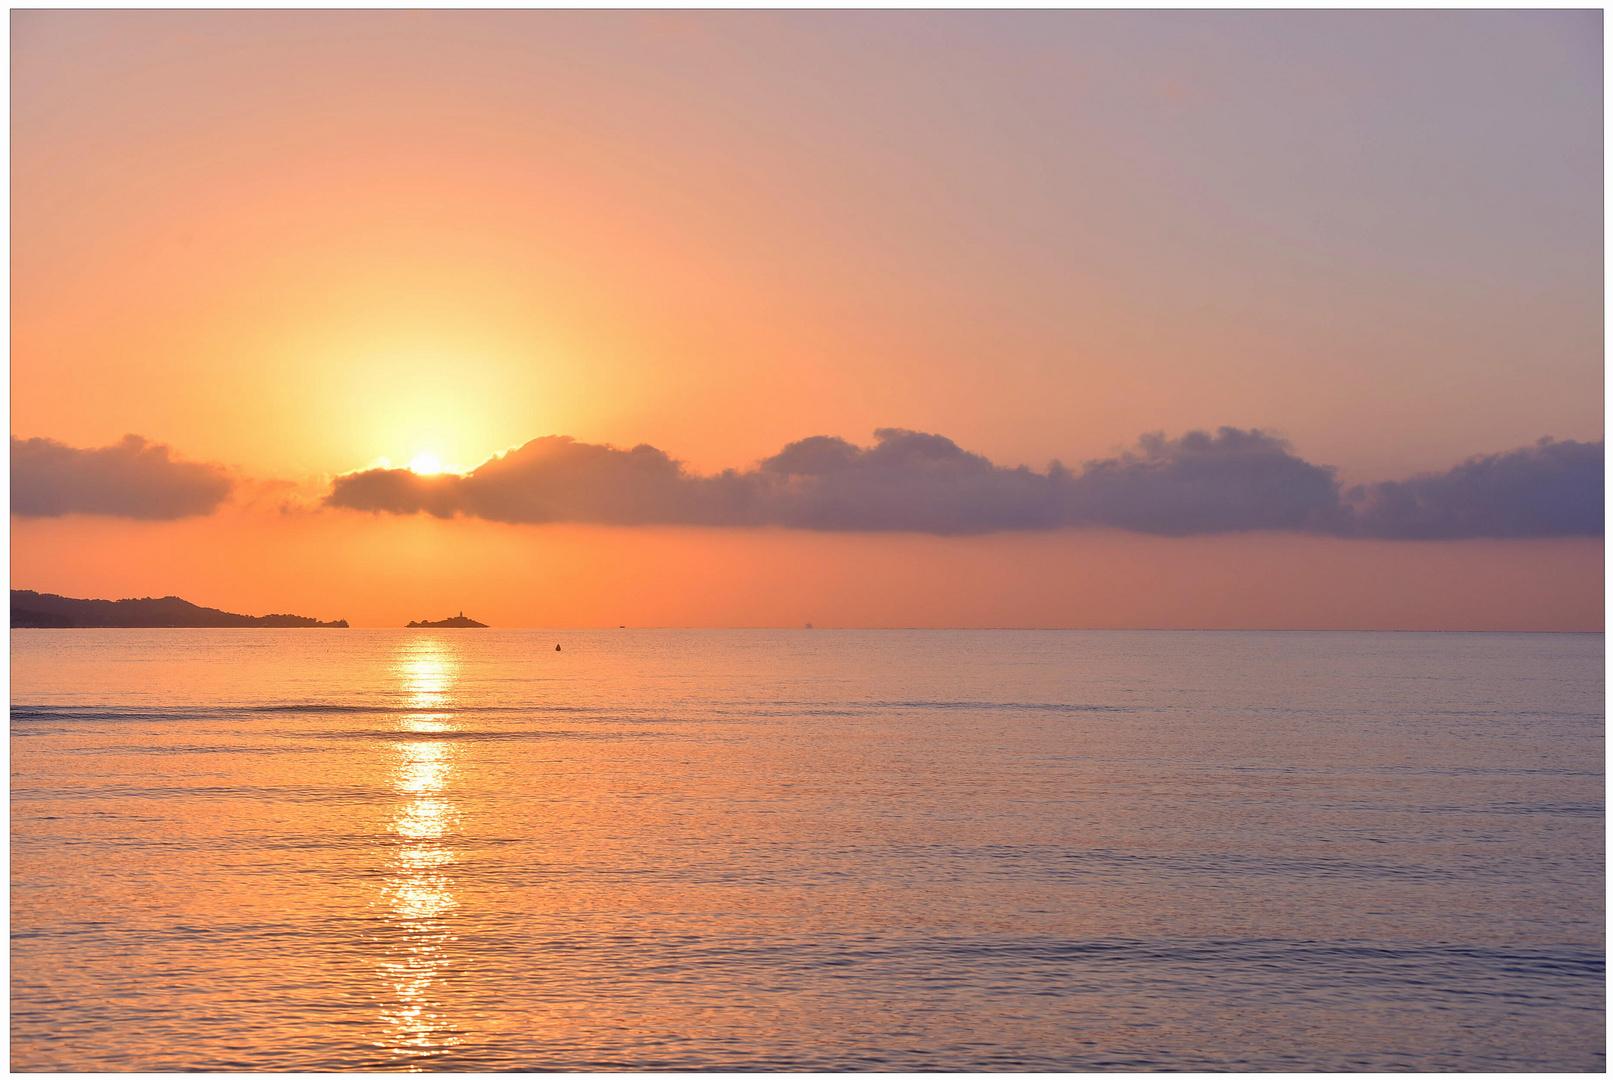 Mallorca 2012, Amanecer I (am Morgen I)